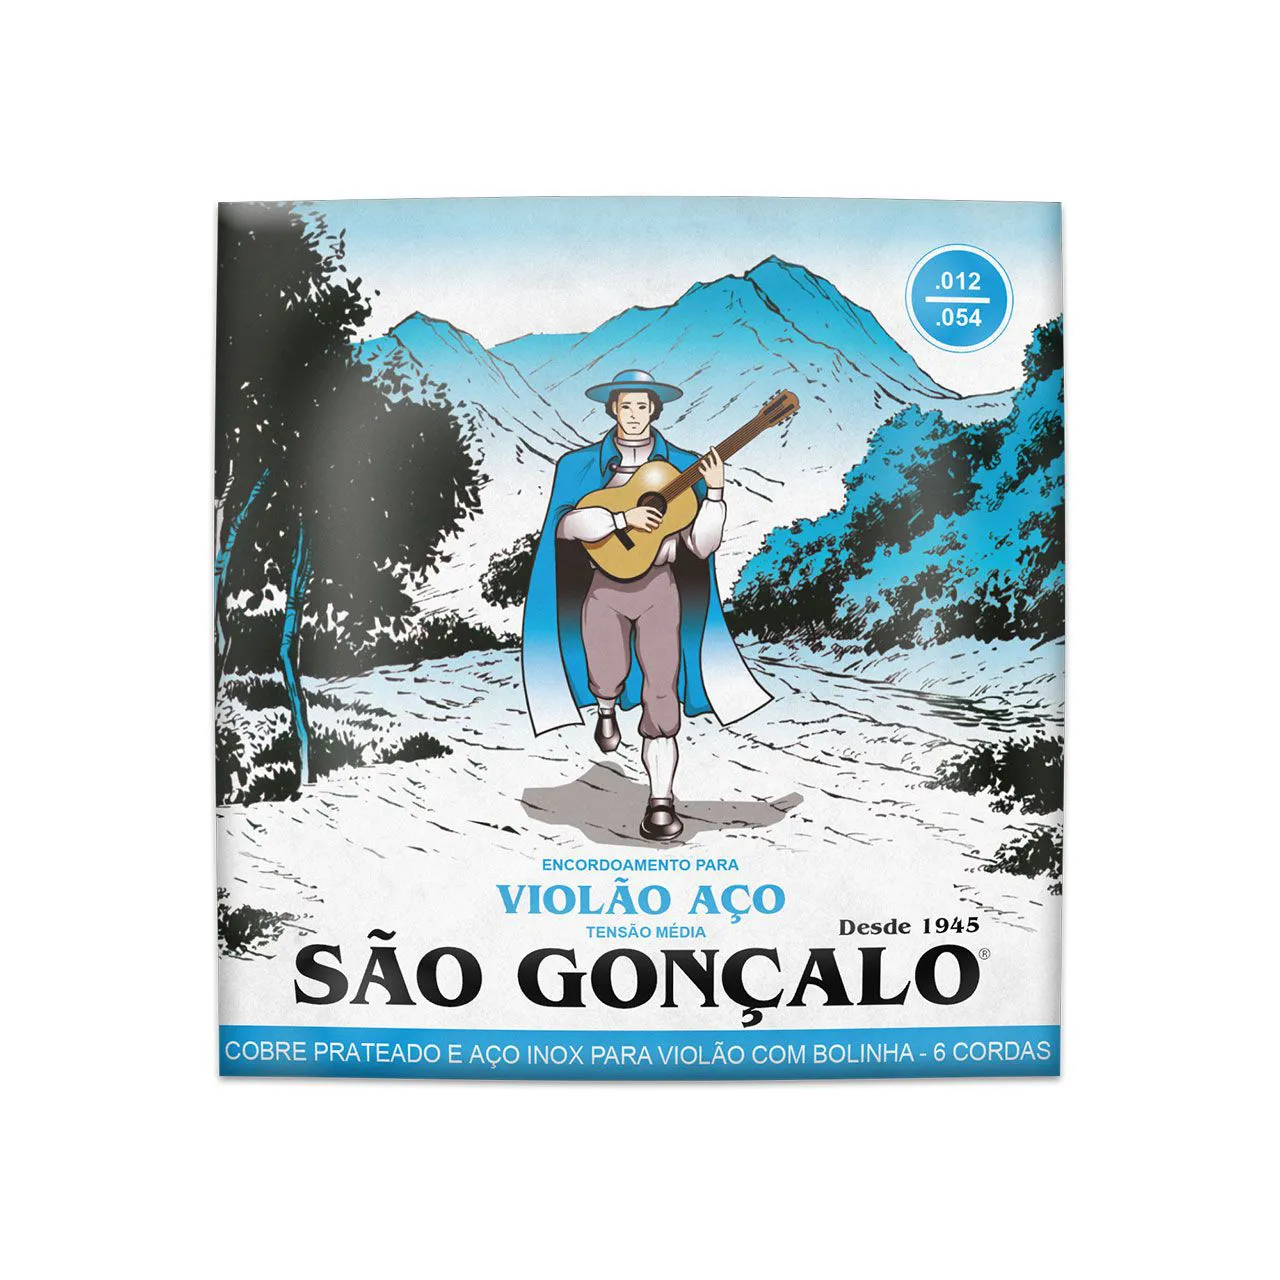 Enc. 012 Aco Prata C/ Bolinha P/ Violao Cx C/3 Sao Goncalo